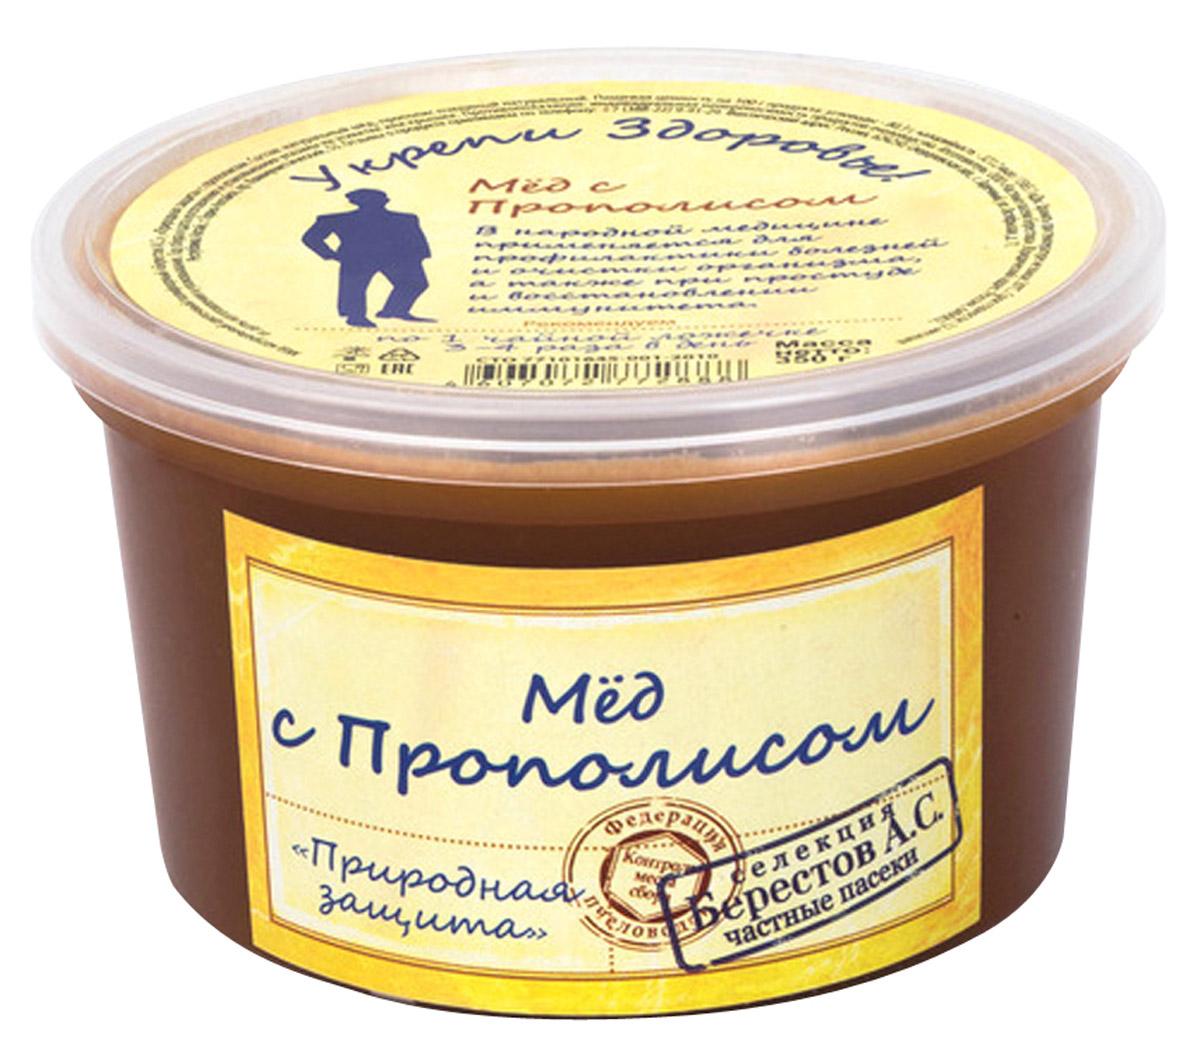 Берестов Мед с прополисом, 350 го0000003548Добавление прополиса делает мед уникальным биологическим веществом с усиленными целебными свойствами. Сочетание прополиса и мёда - это двойная доза полезных веществ! На вкус мед с прополисом сладкий с легкой горчинкой и ванильным послевкусием. Аромат приятный, бальзамический, со смолисто-медовыми нотками. Лечебные свойства: Мёд с прополисом может похвастаться богатым арсеналом целебных свойств и качеств. Мед и прополис - мощнейшие природные антибиотики, поэтому мёд с прополисом должен всегда быть под рукой как природная скорая помощь. Он мгновенно обезболивает, убивает вирусы и способствует быстрому восстановлению иммунитета. Эффективен не только в чистом виде, но и в качестве ингаляций, полосканий и капель в нос или глаза. Полезен при гастритах, болезнях сердца и печени, в качестве профилактики в сезон простуд. Подходит и для наружного применения - как ранозаживляющее и в виде компрессов при суставных заболеваниях. Сезонная...